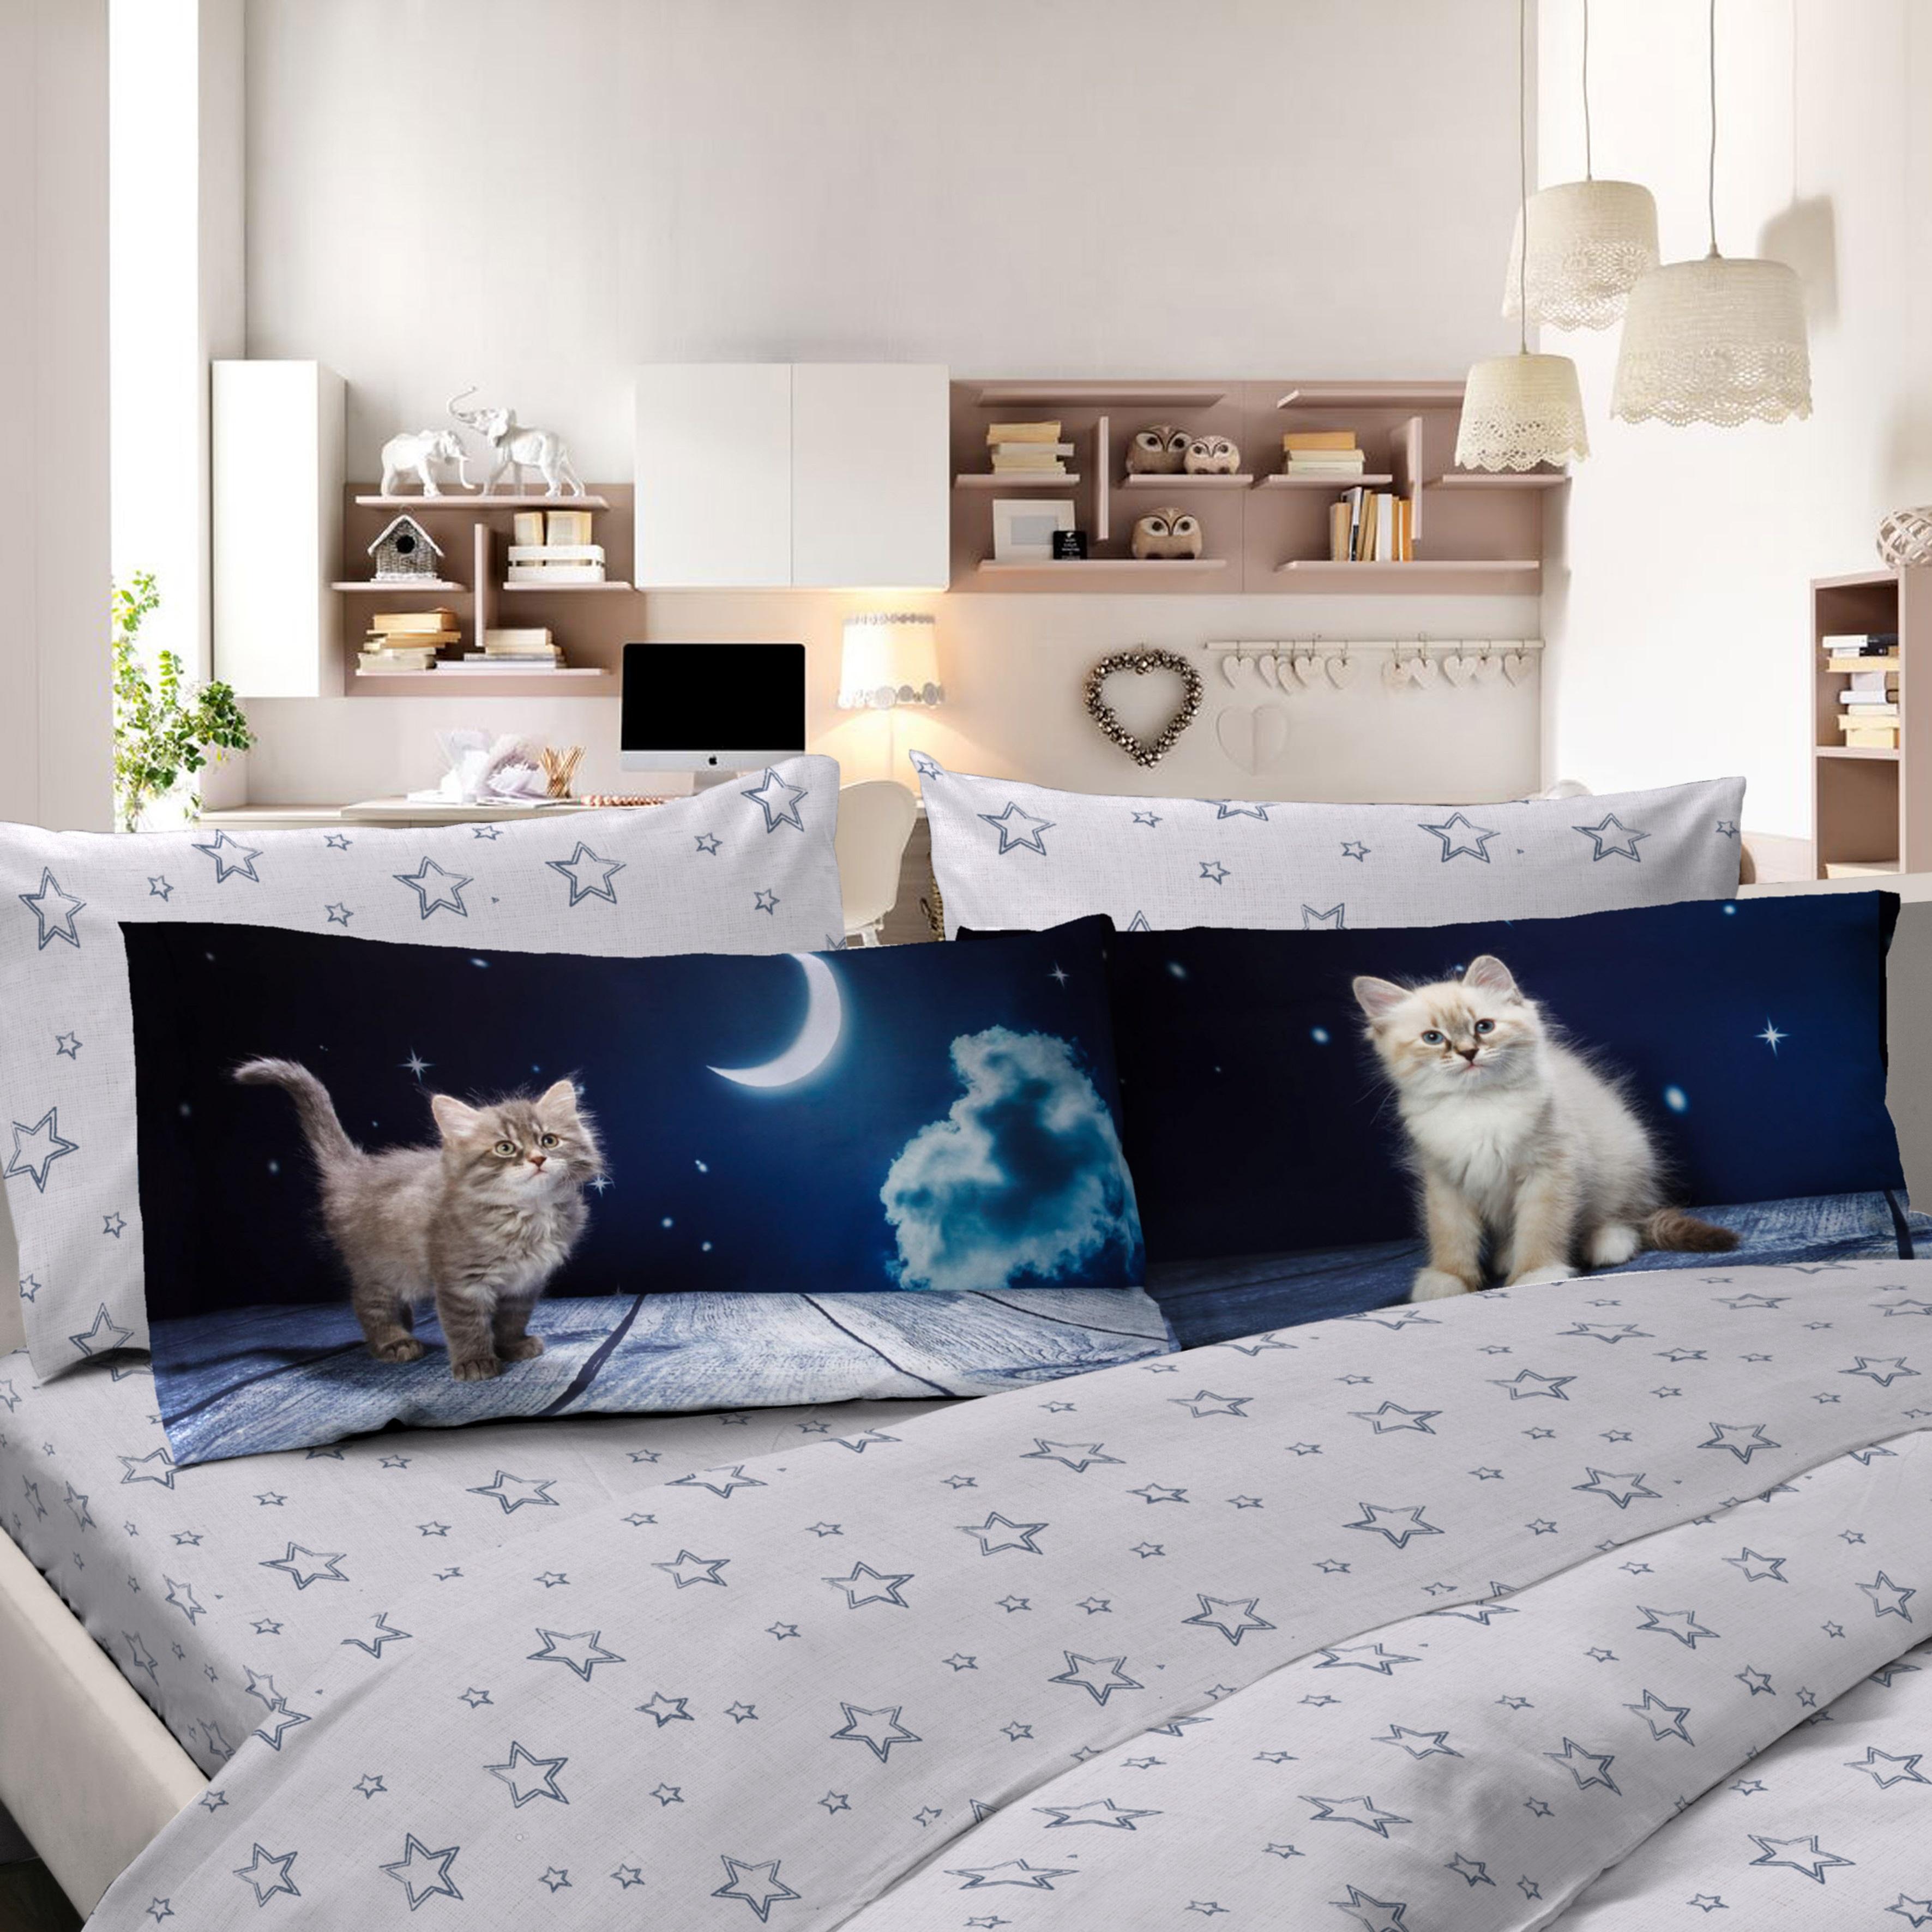 COMPLETO 2P MORBIDOSI DREAMS - Camera da letto - Casa ed ...